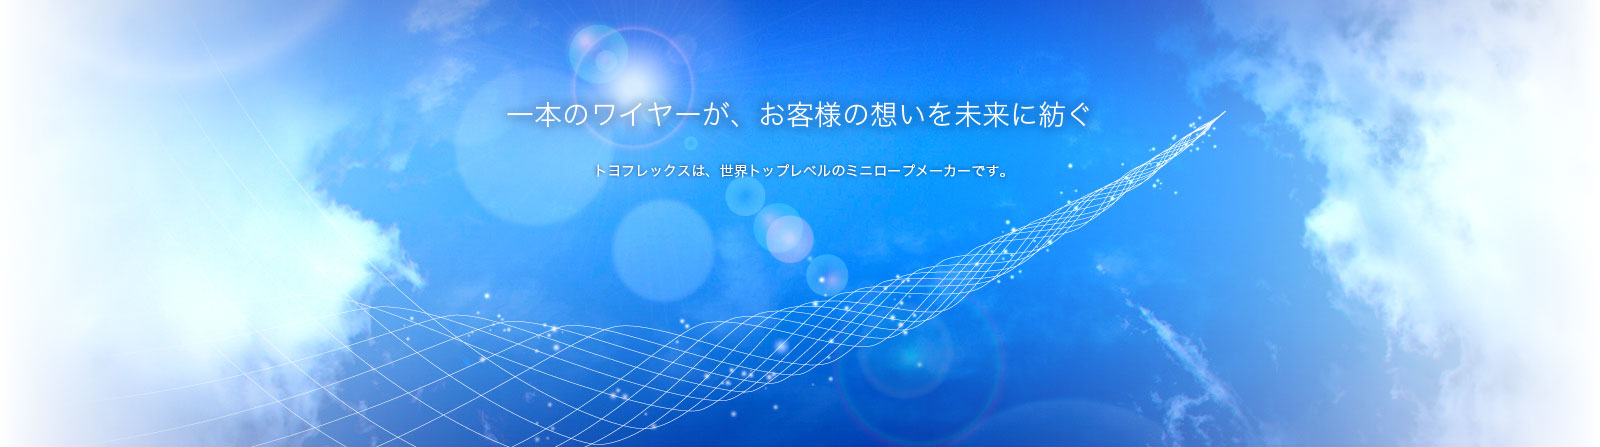 トヨフレックス株式会社(生産技術職)